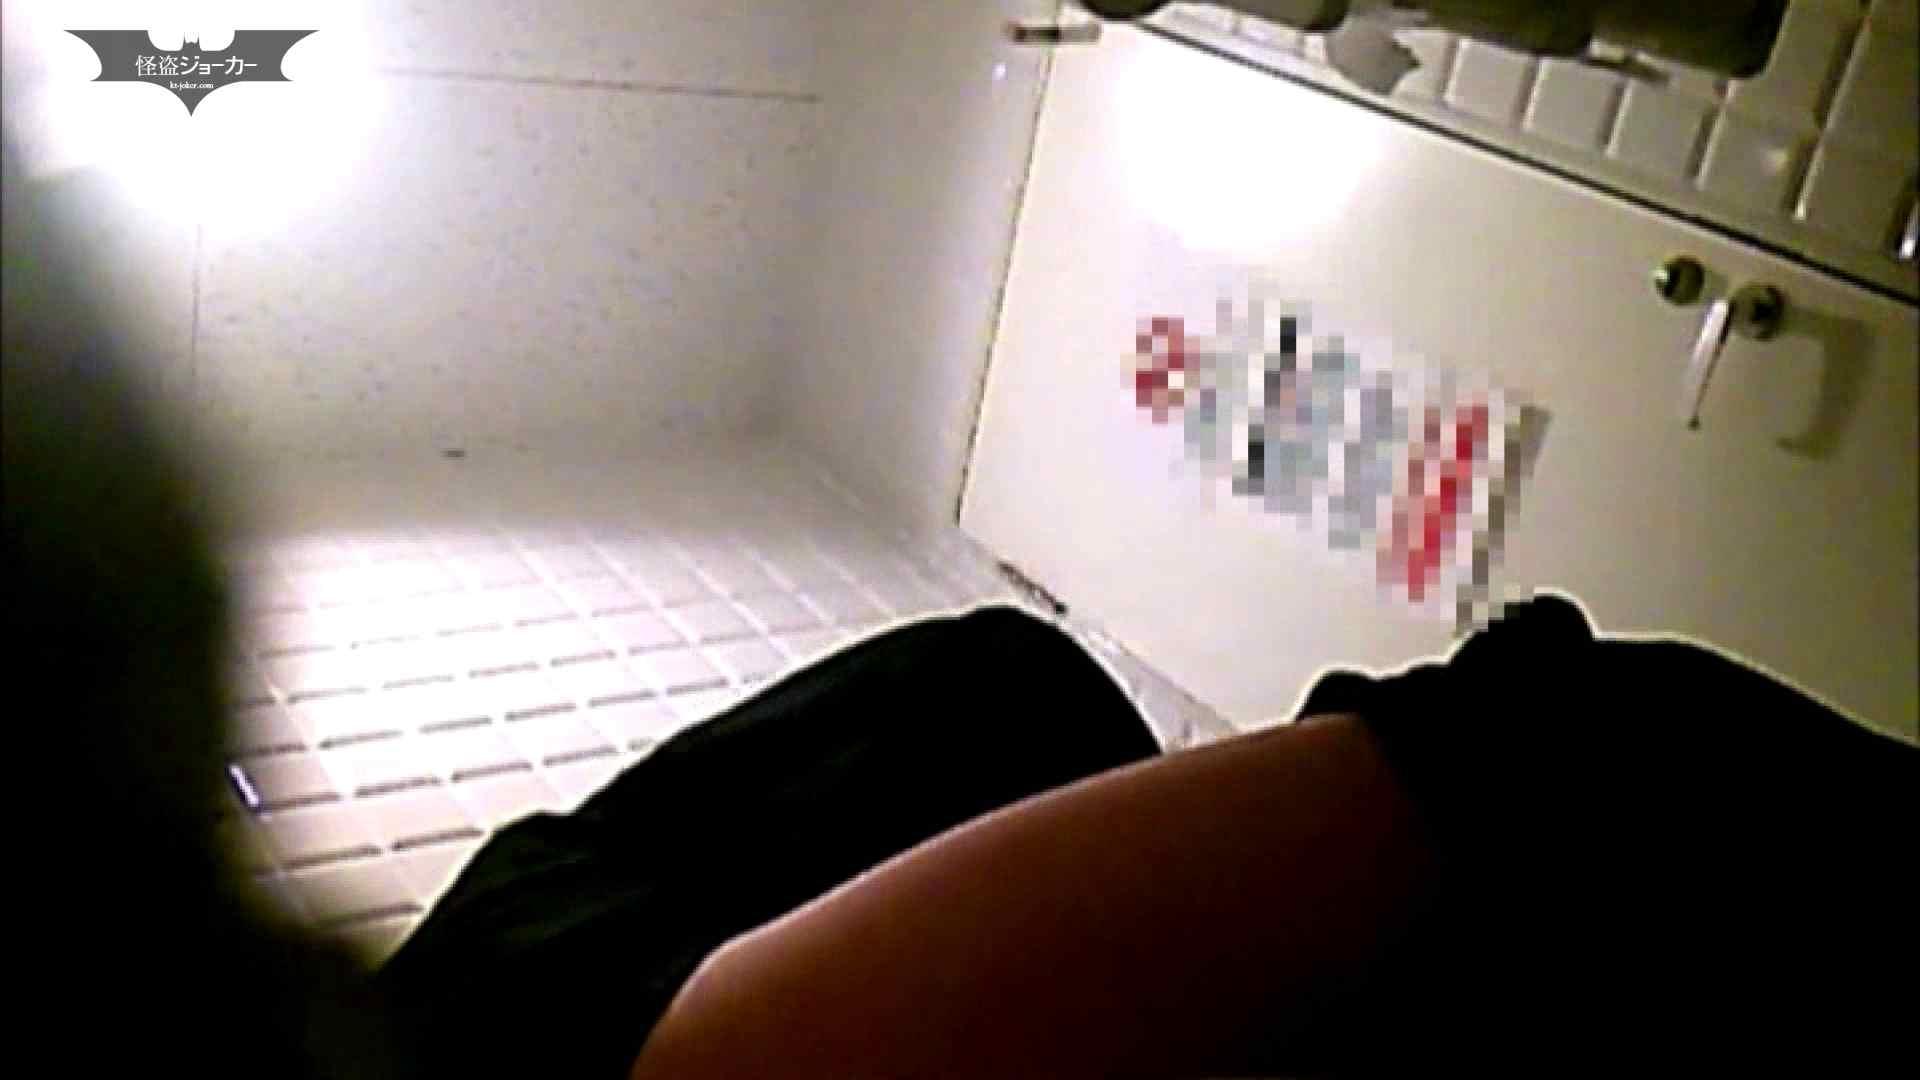 店長代理の盗撮録 Vol.02 制服ばかりをあつめてみました。その2 制服  67Pix 10